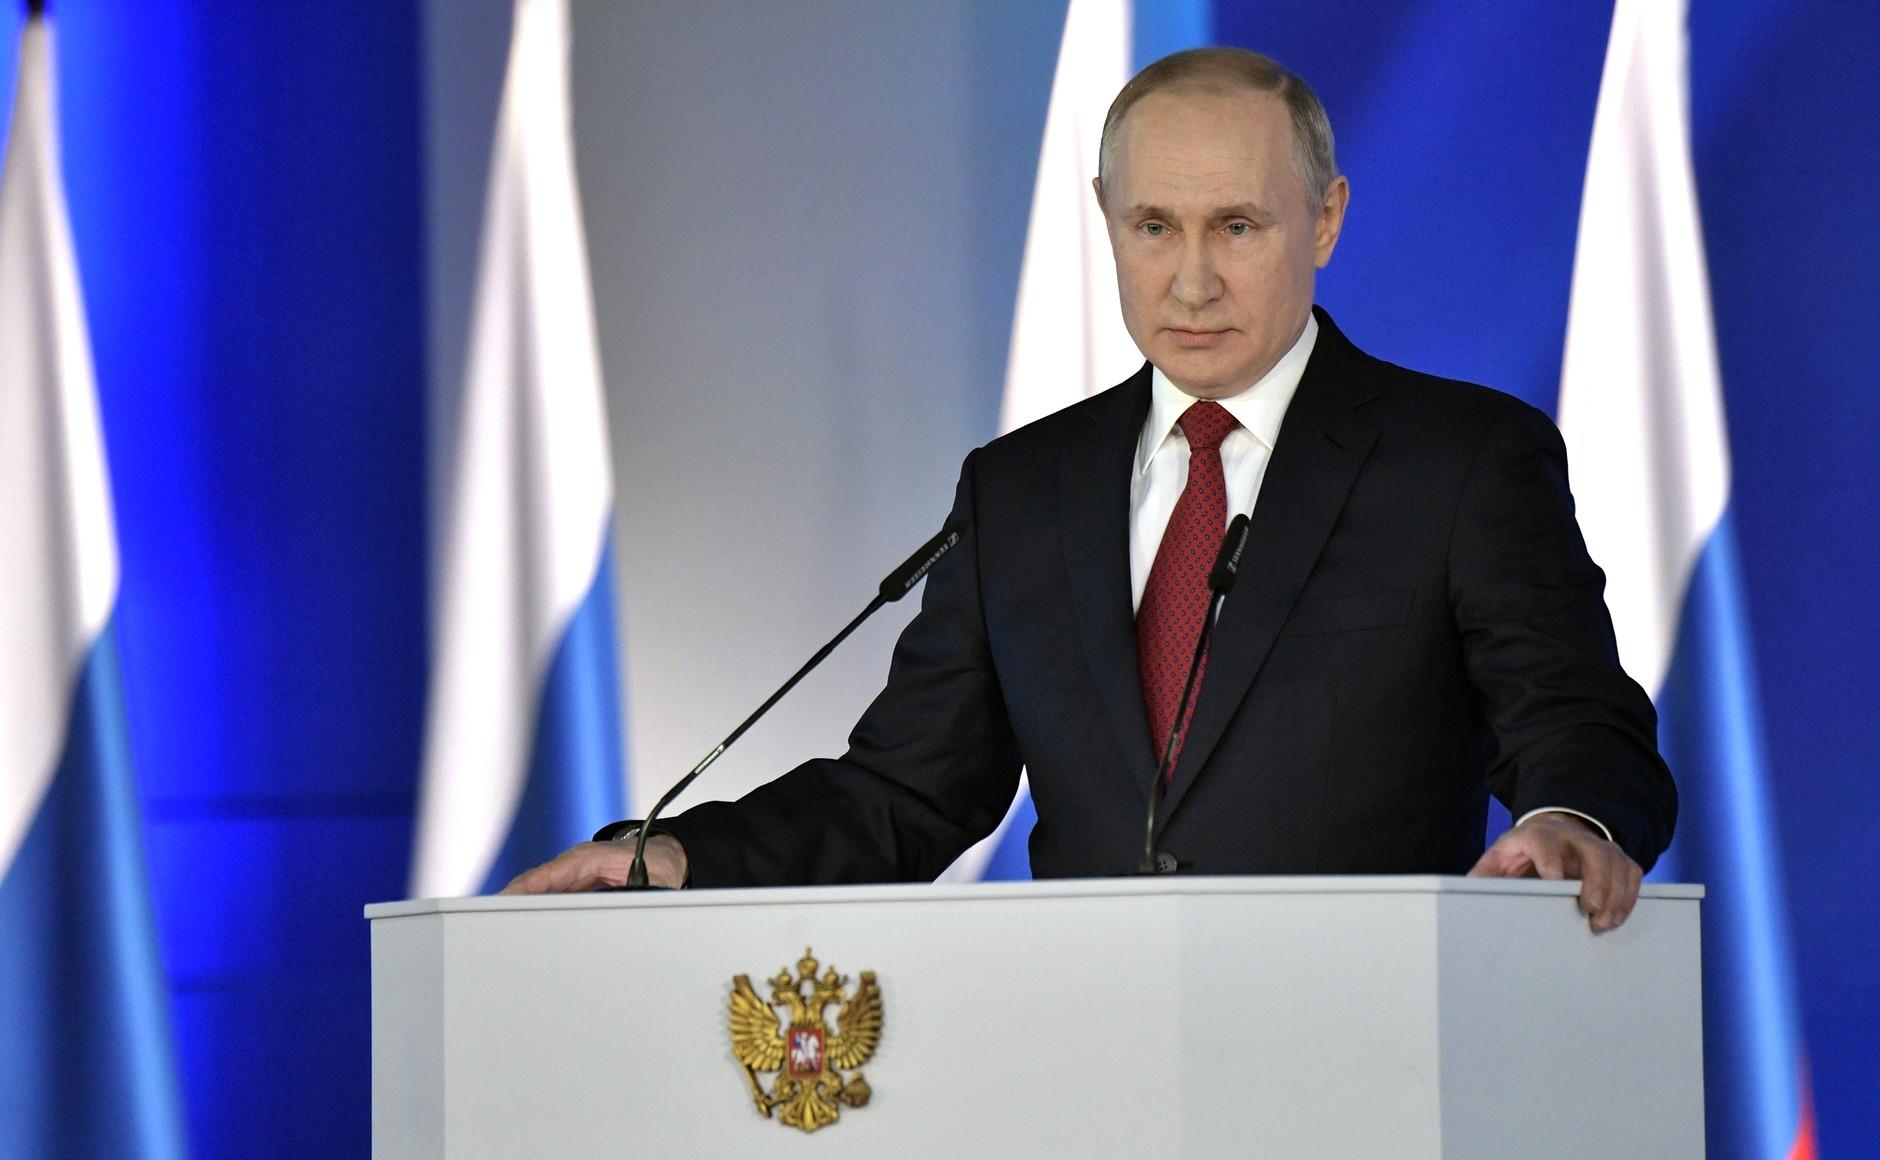 Сегодня Президент России Владимир Путин подписал Указ «О совершенствовании государственного управления в сфере цифрового развития, связи и массовых коммуникаций»